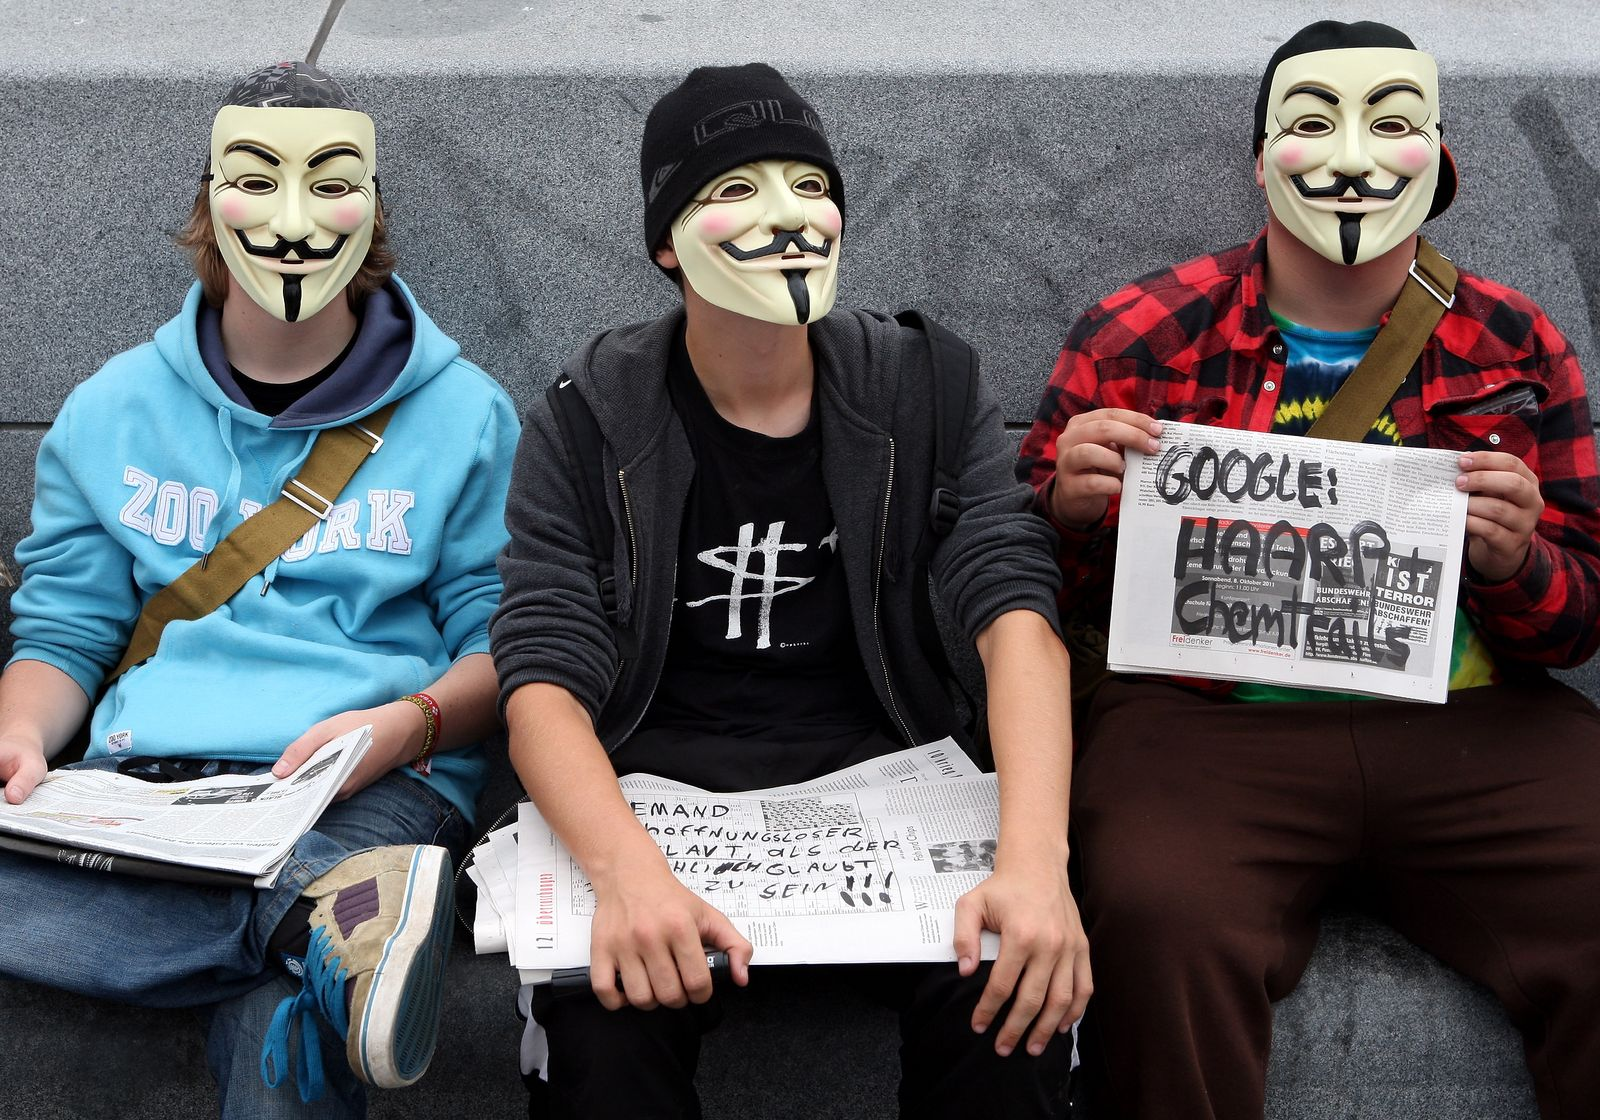 NICHT VERWENDEN Anonymous / Demonstration / Datenüberwachung